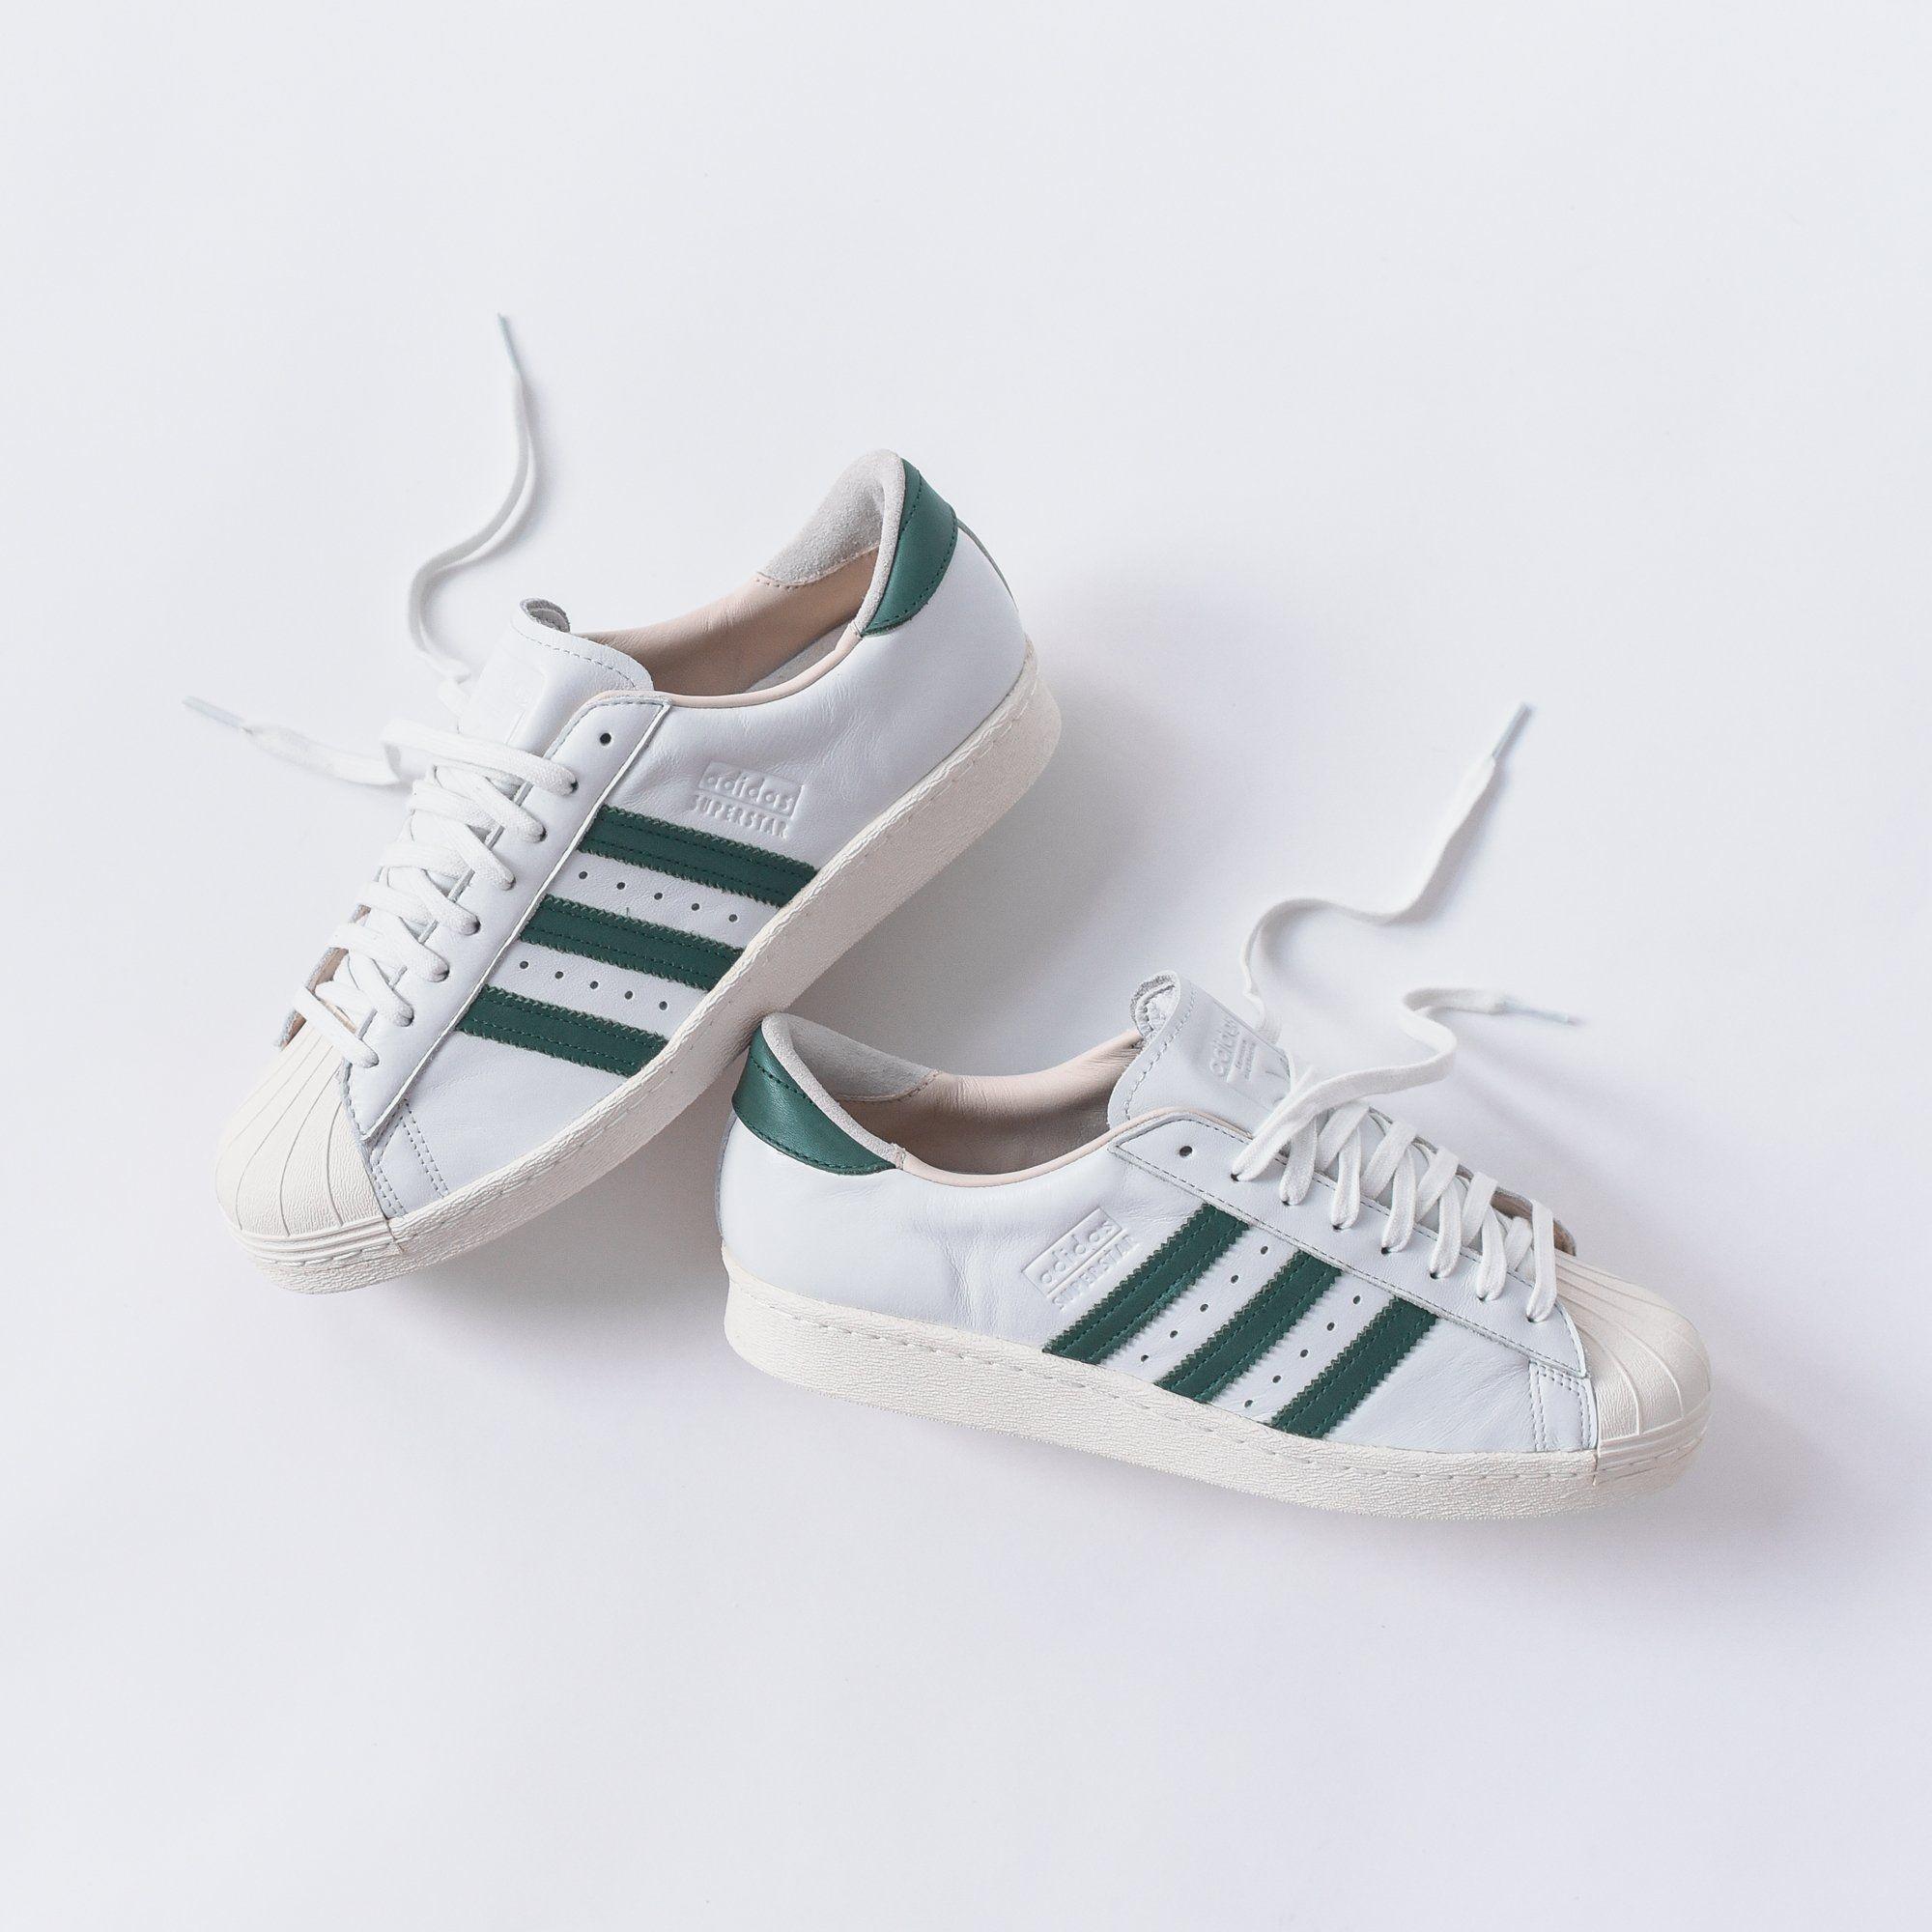 74e559c5a24b adidas Originals Superstar OG - White   Green – Kith